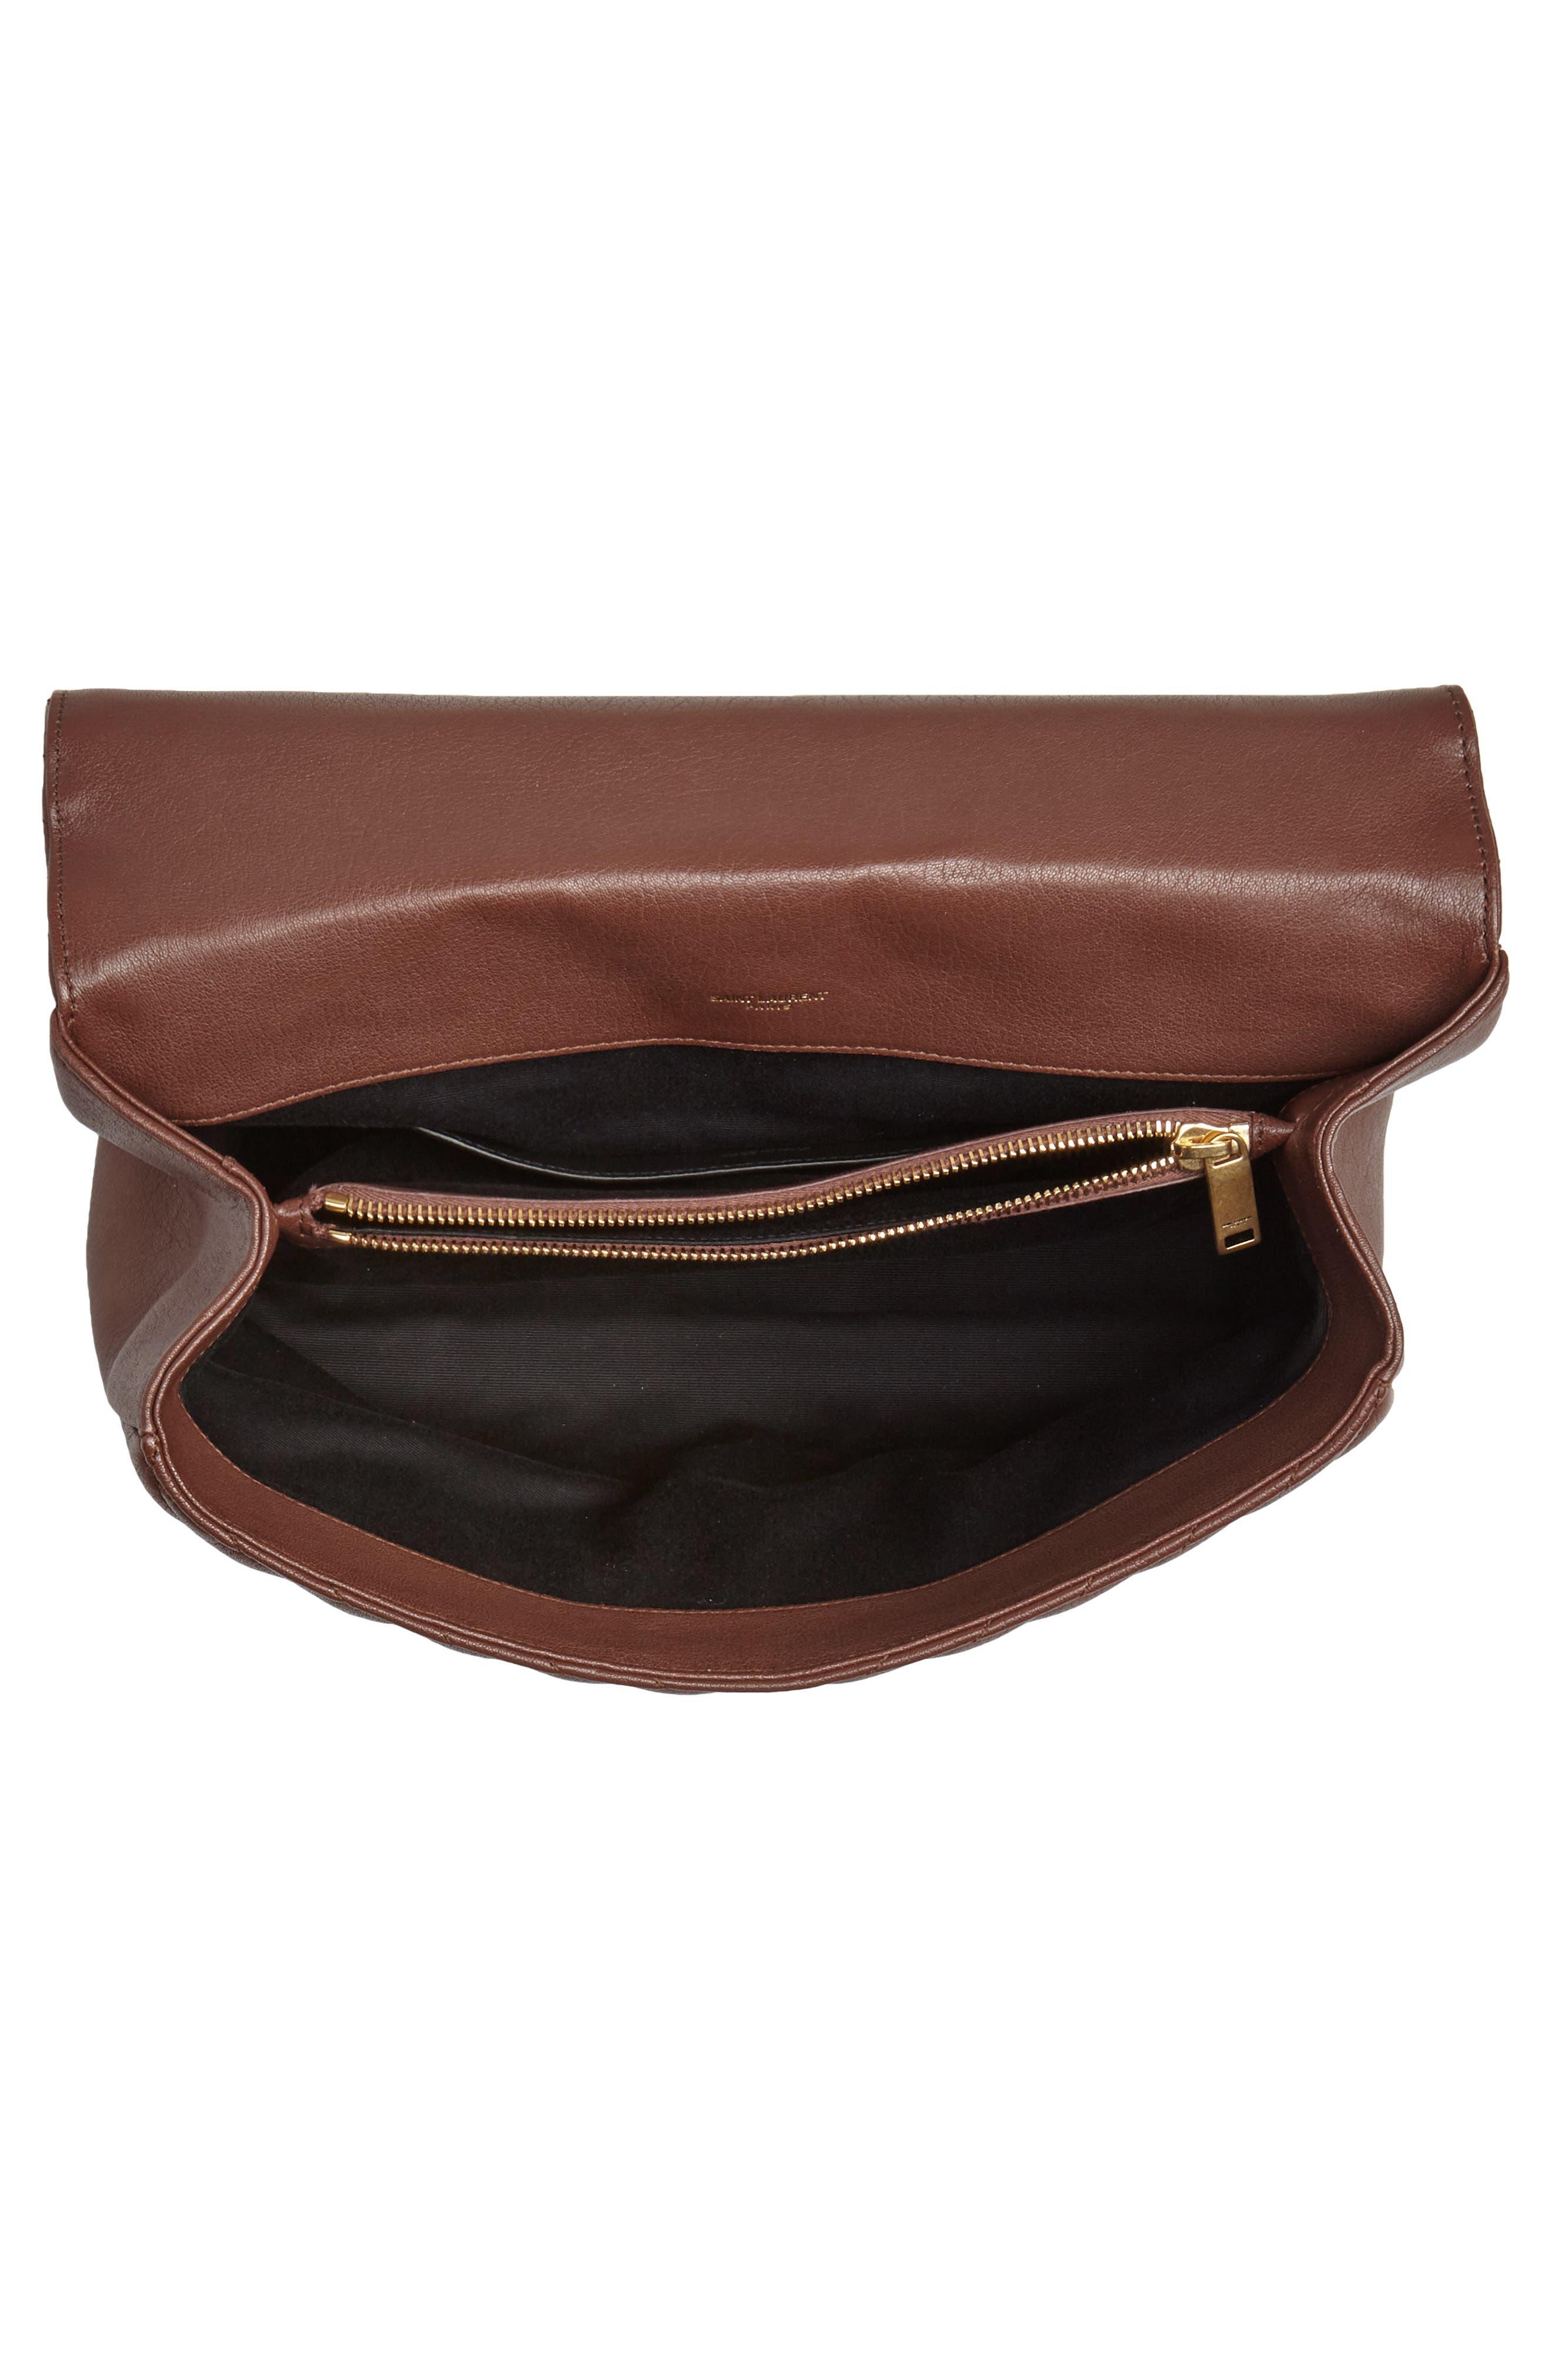 Medium College Shoulder Bag,                             Alternate thumbnail 4, color,                             BRANDY OLD